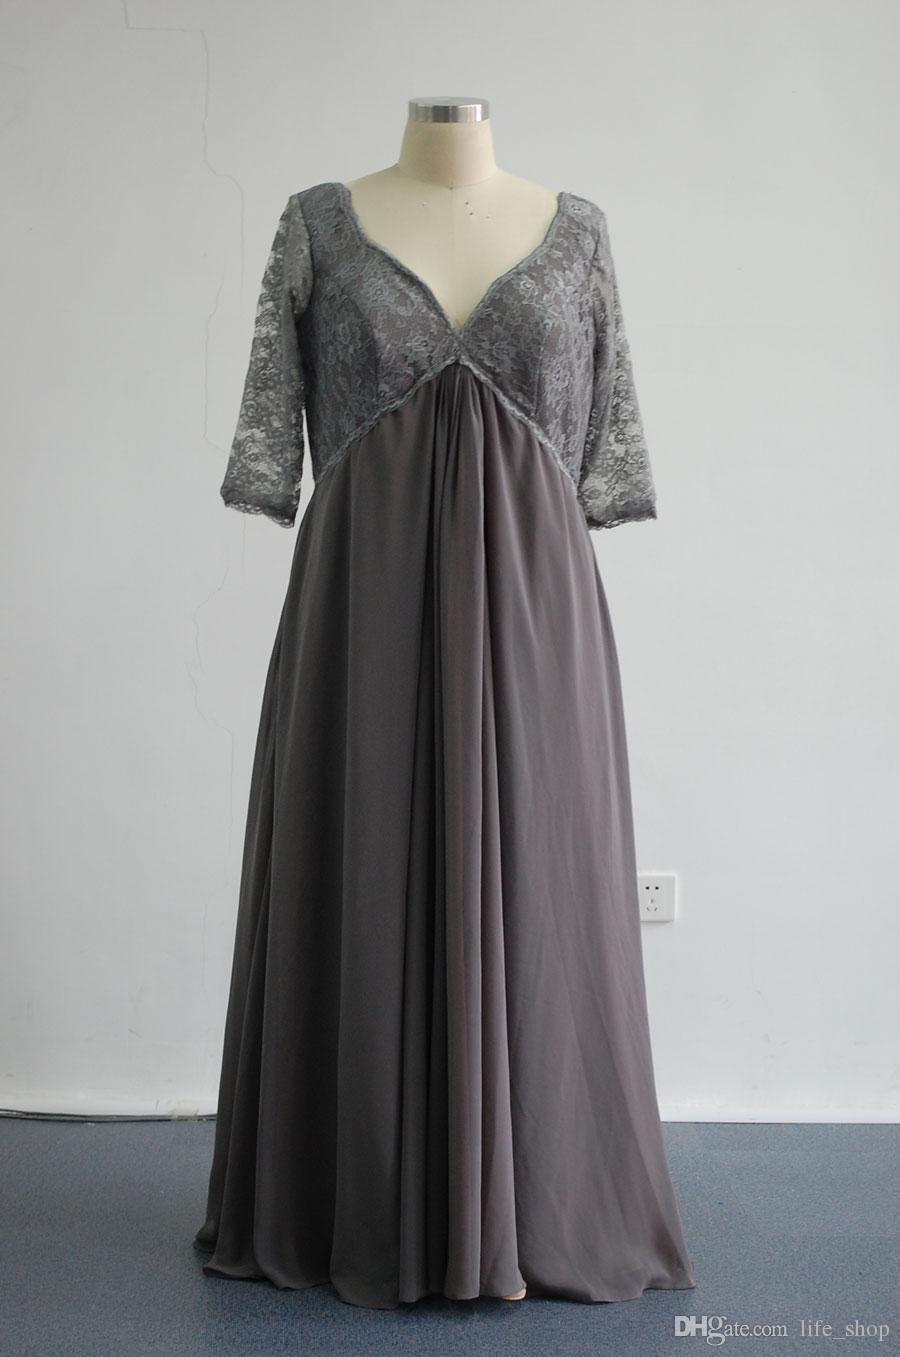 2016 A-Line Günstige Plus Size Brautkleider V-Ausschnitt 3/4 Ärmel Chiffon Spitze Bodenlangen Rüschen Empire-Taille Party Kleider